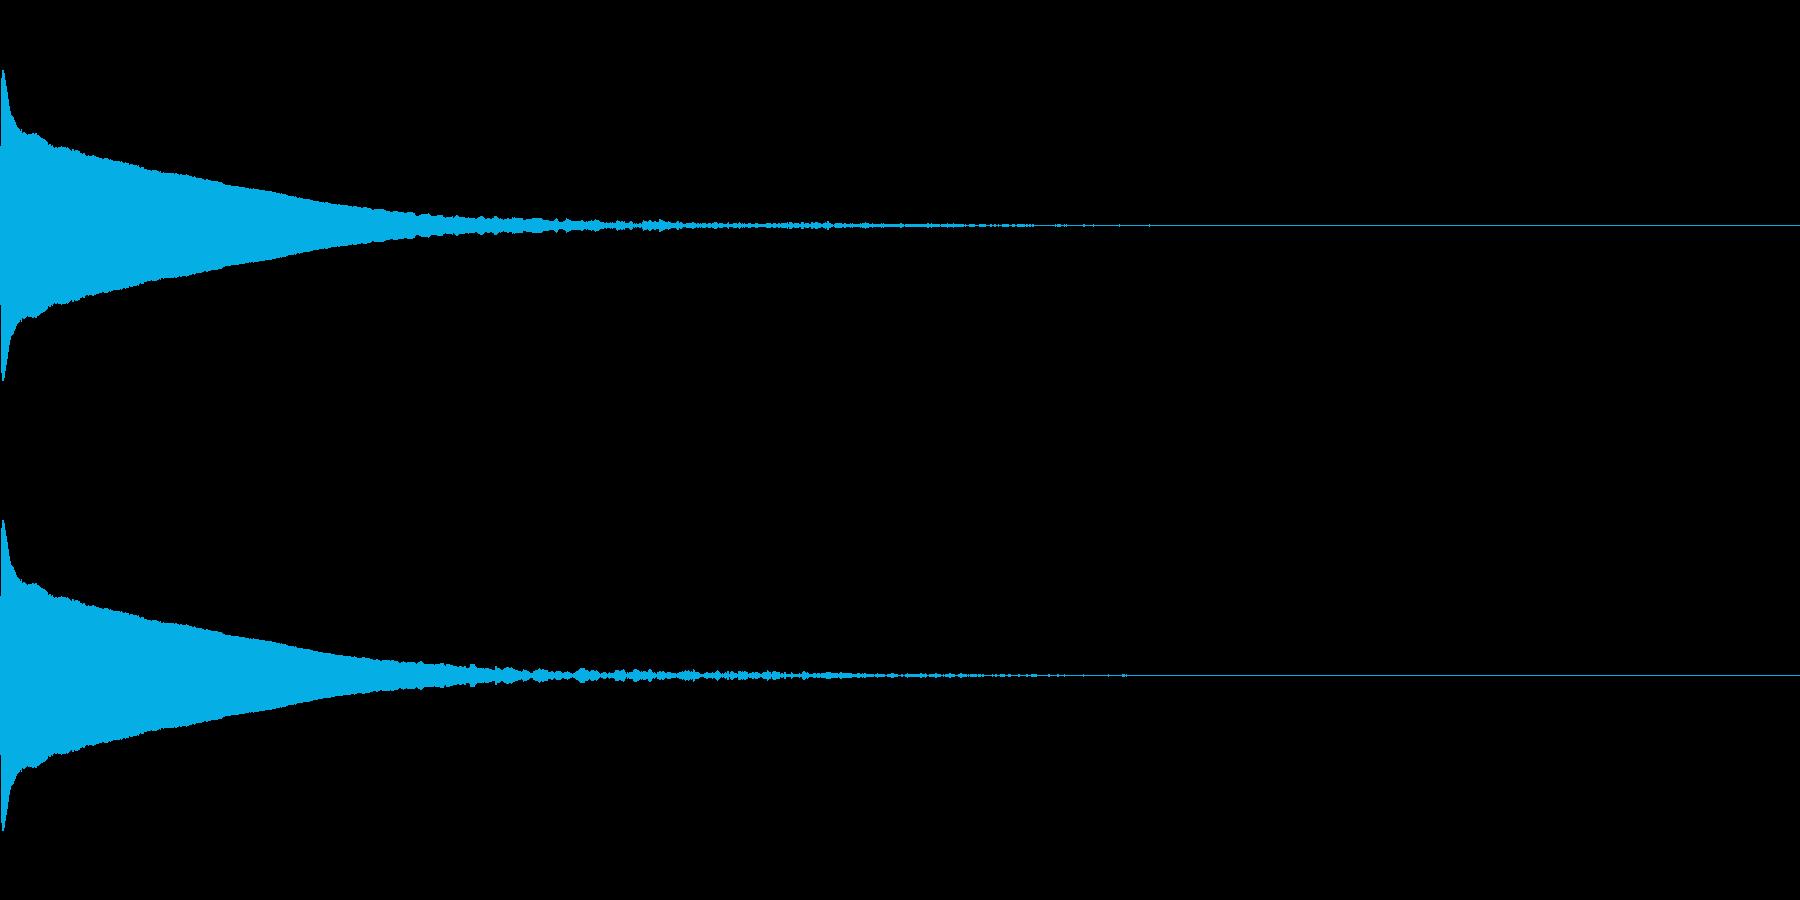 ひゅ〜ん(深い落下音)の再生済みの波形